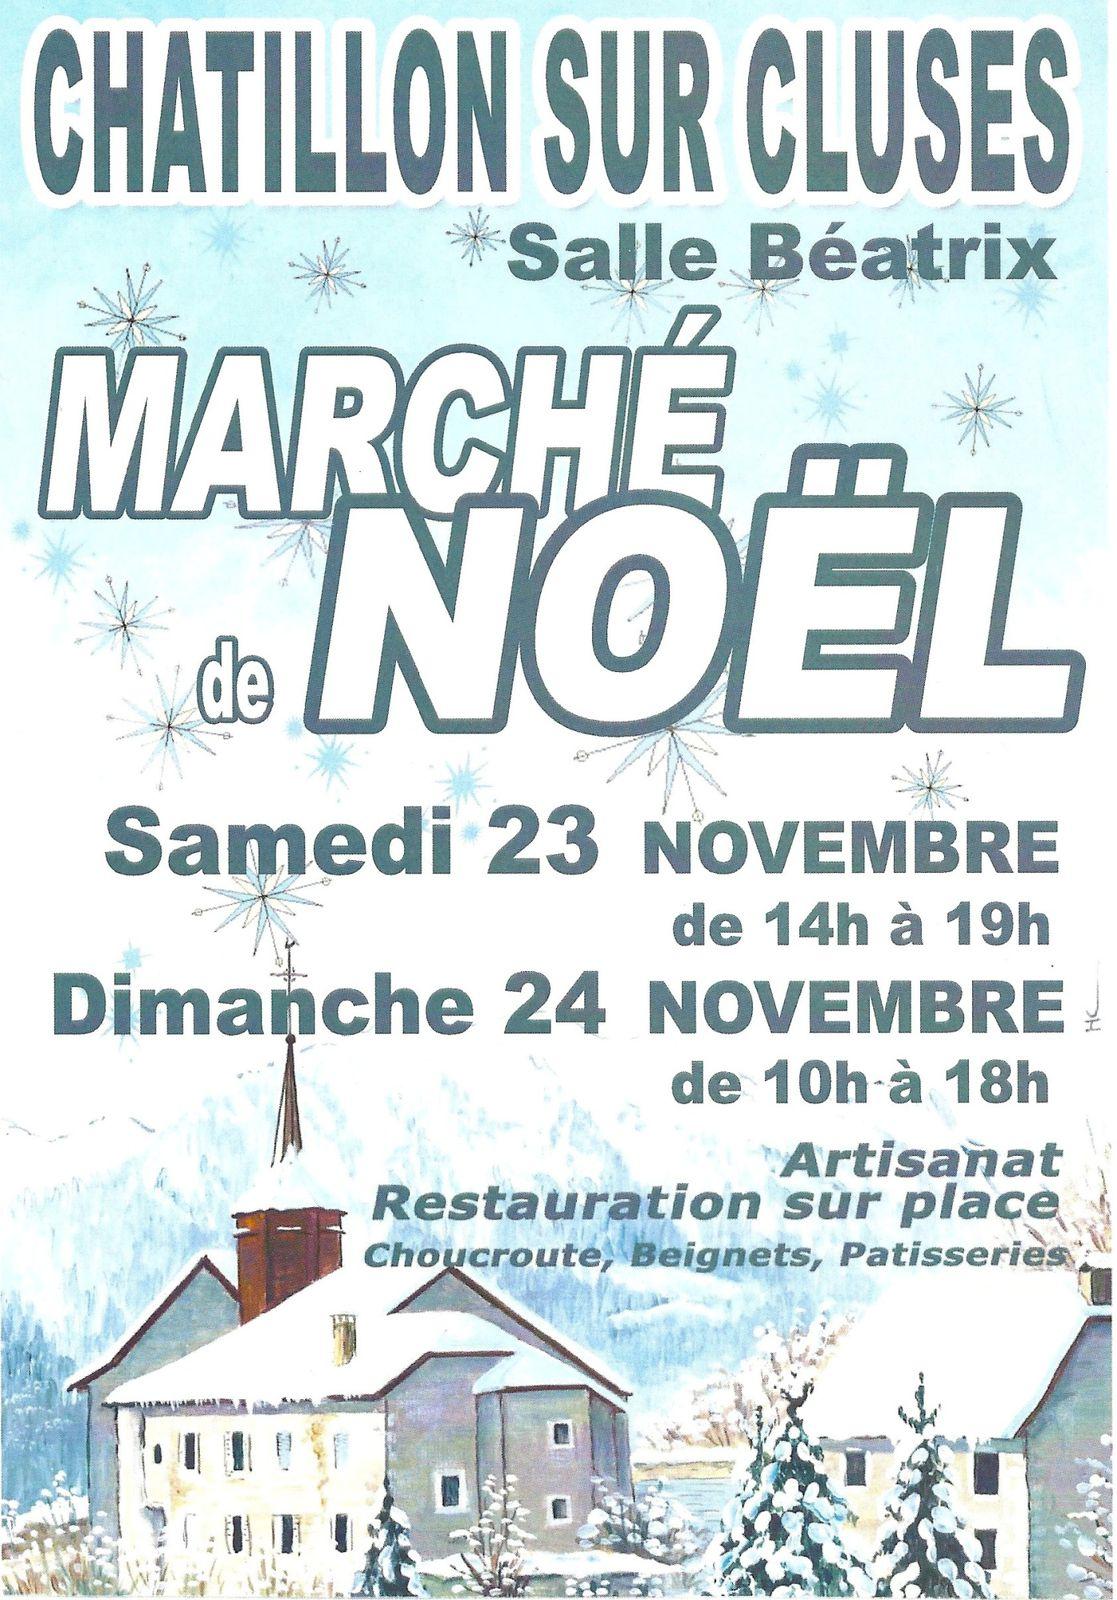 Marché de Noël Chatillon sur Cluses